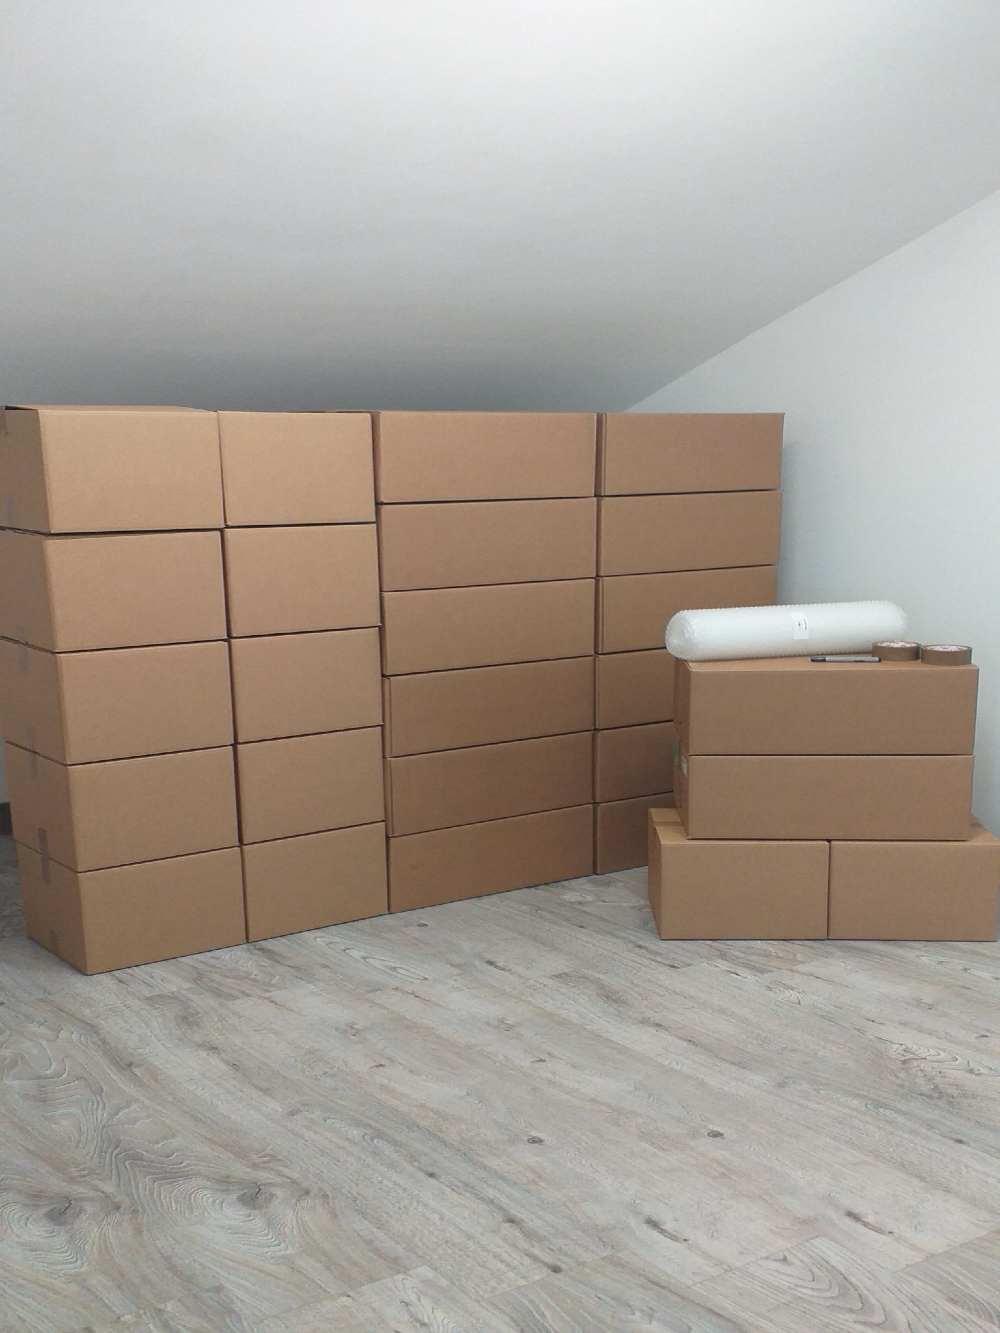 bargain moving box kit